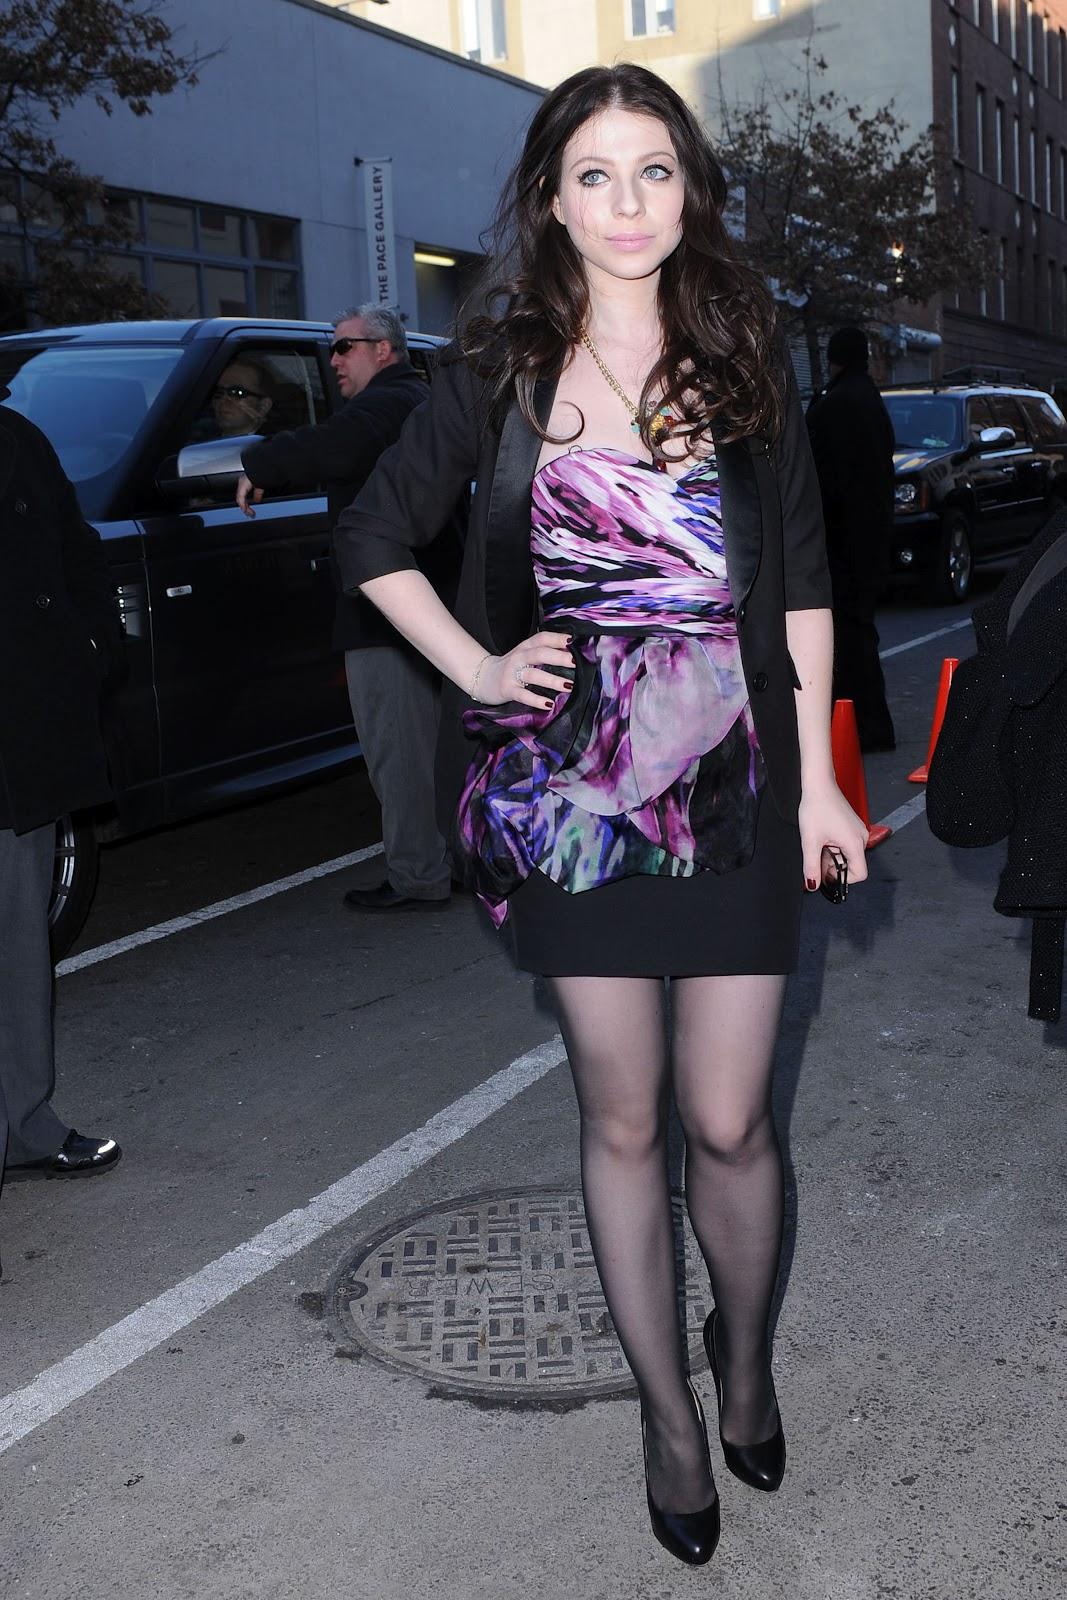 Celebrity Legs 101: Michelle Trachtenberg